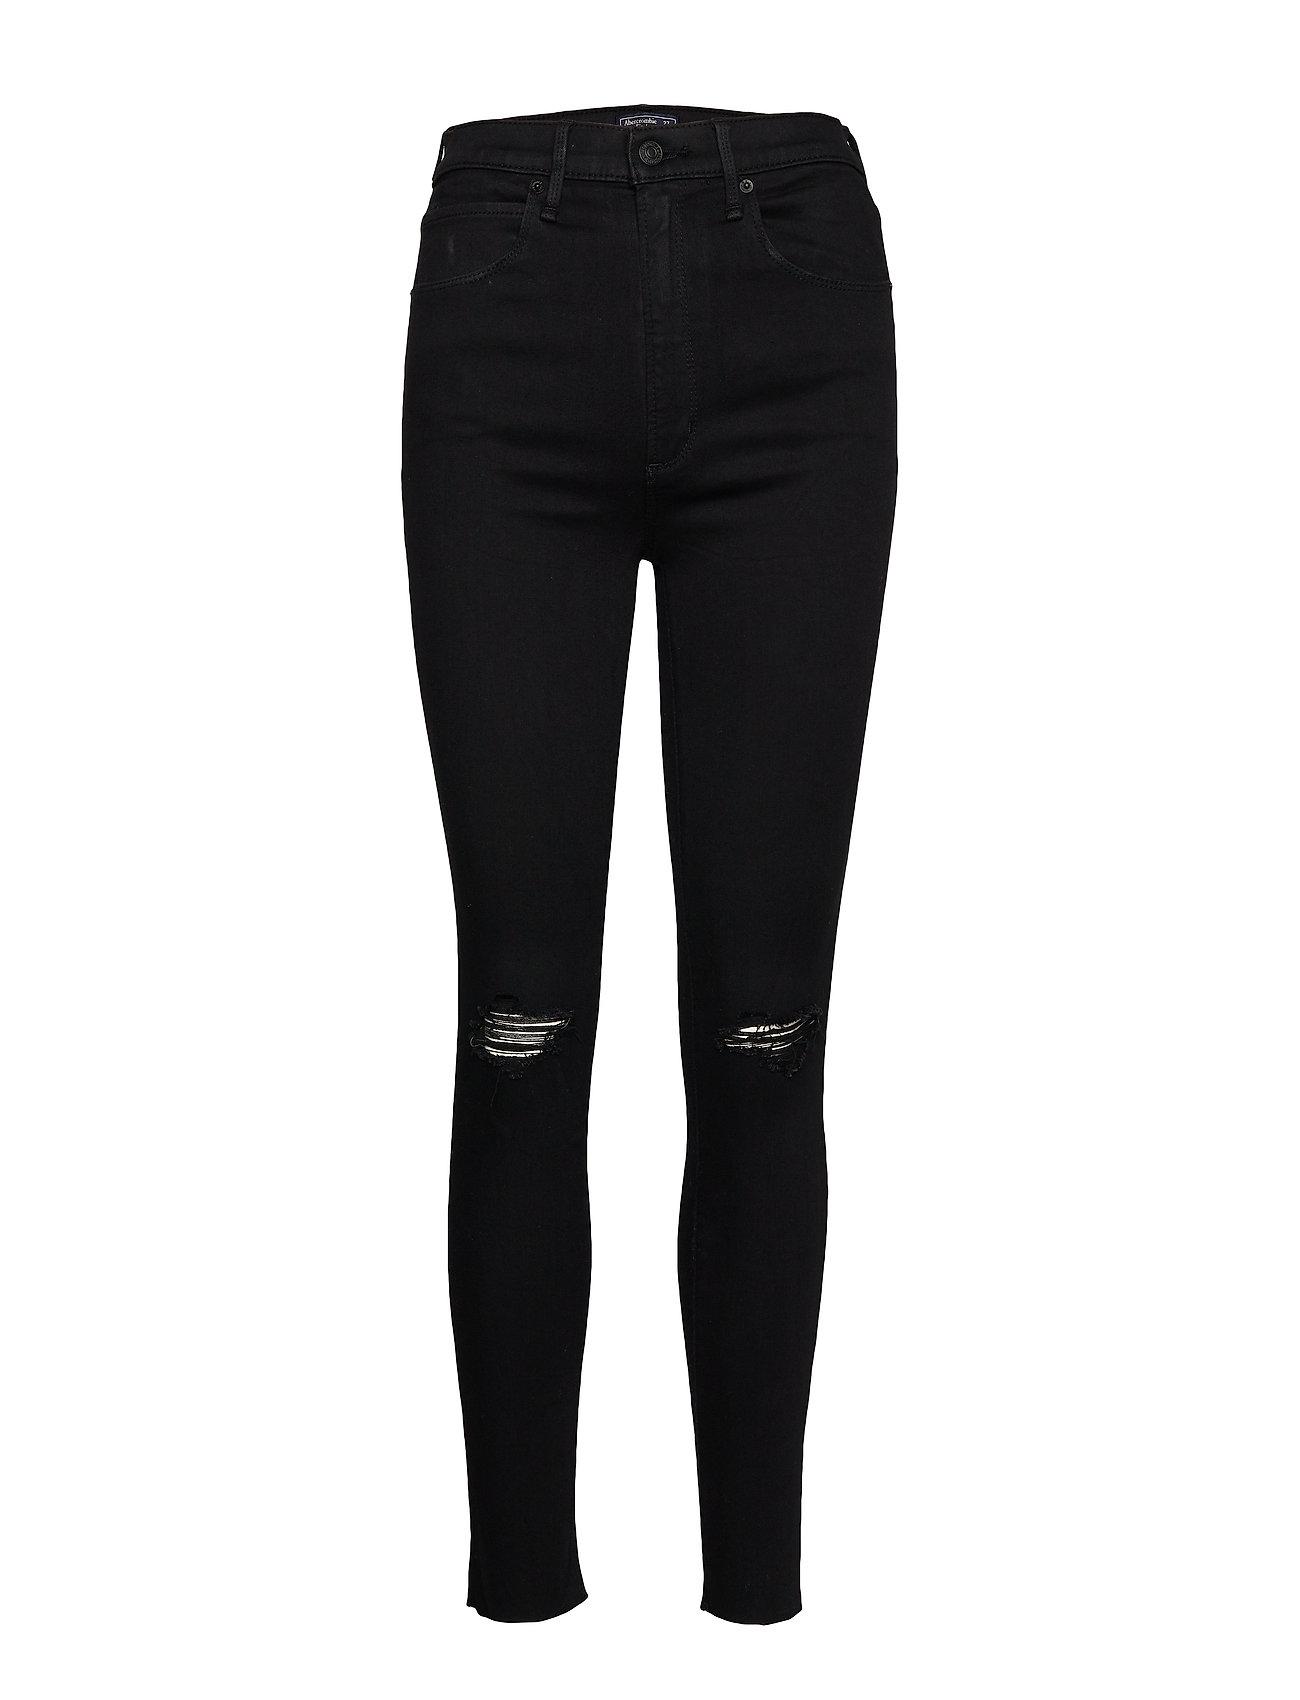 Abercrombie & Fitch Ultra High Rise Super Skinny - BLACK OD